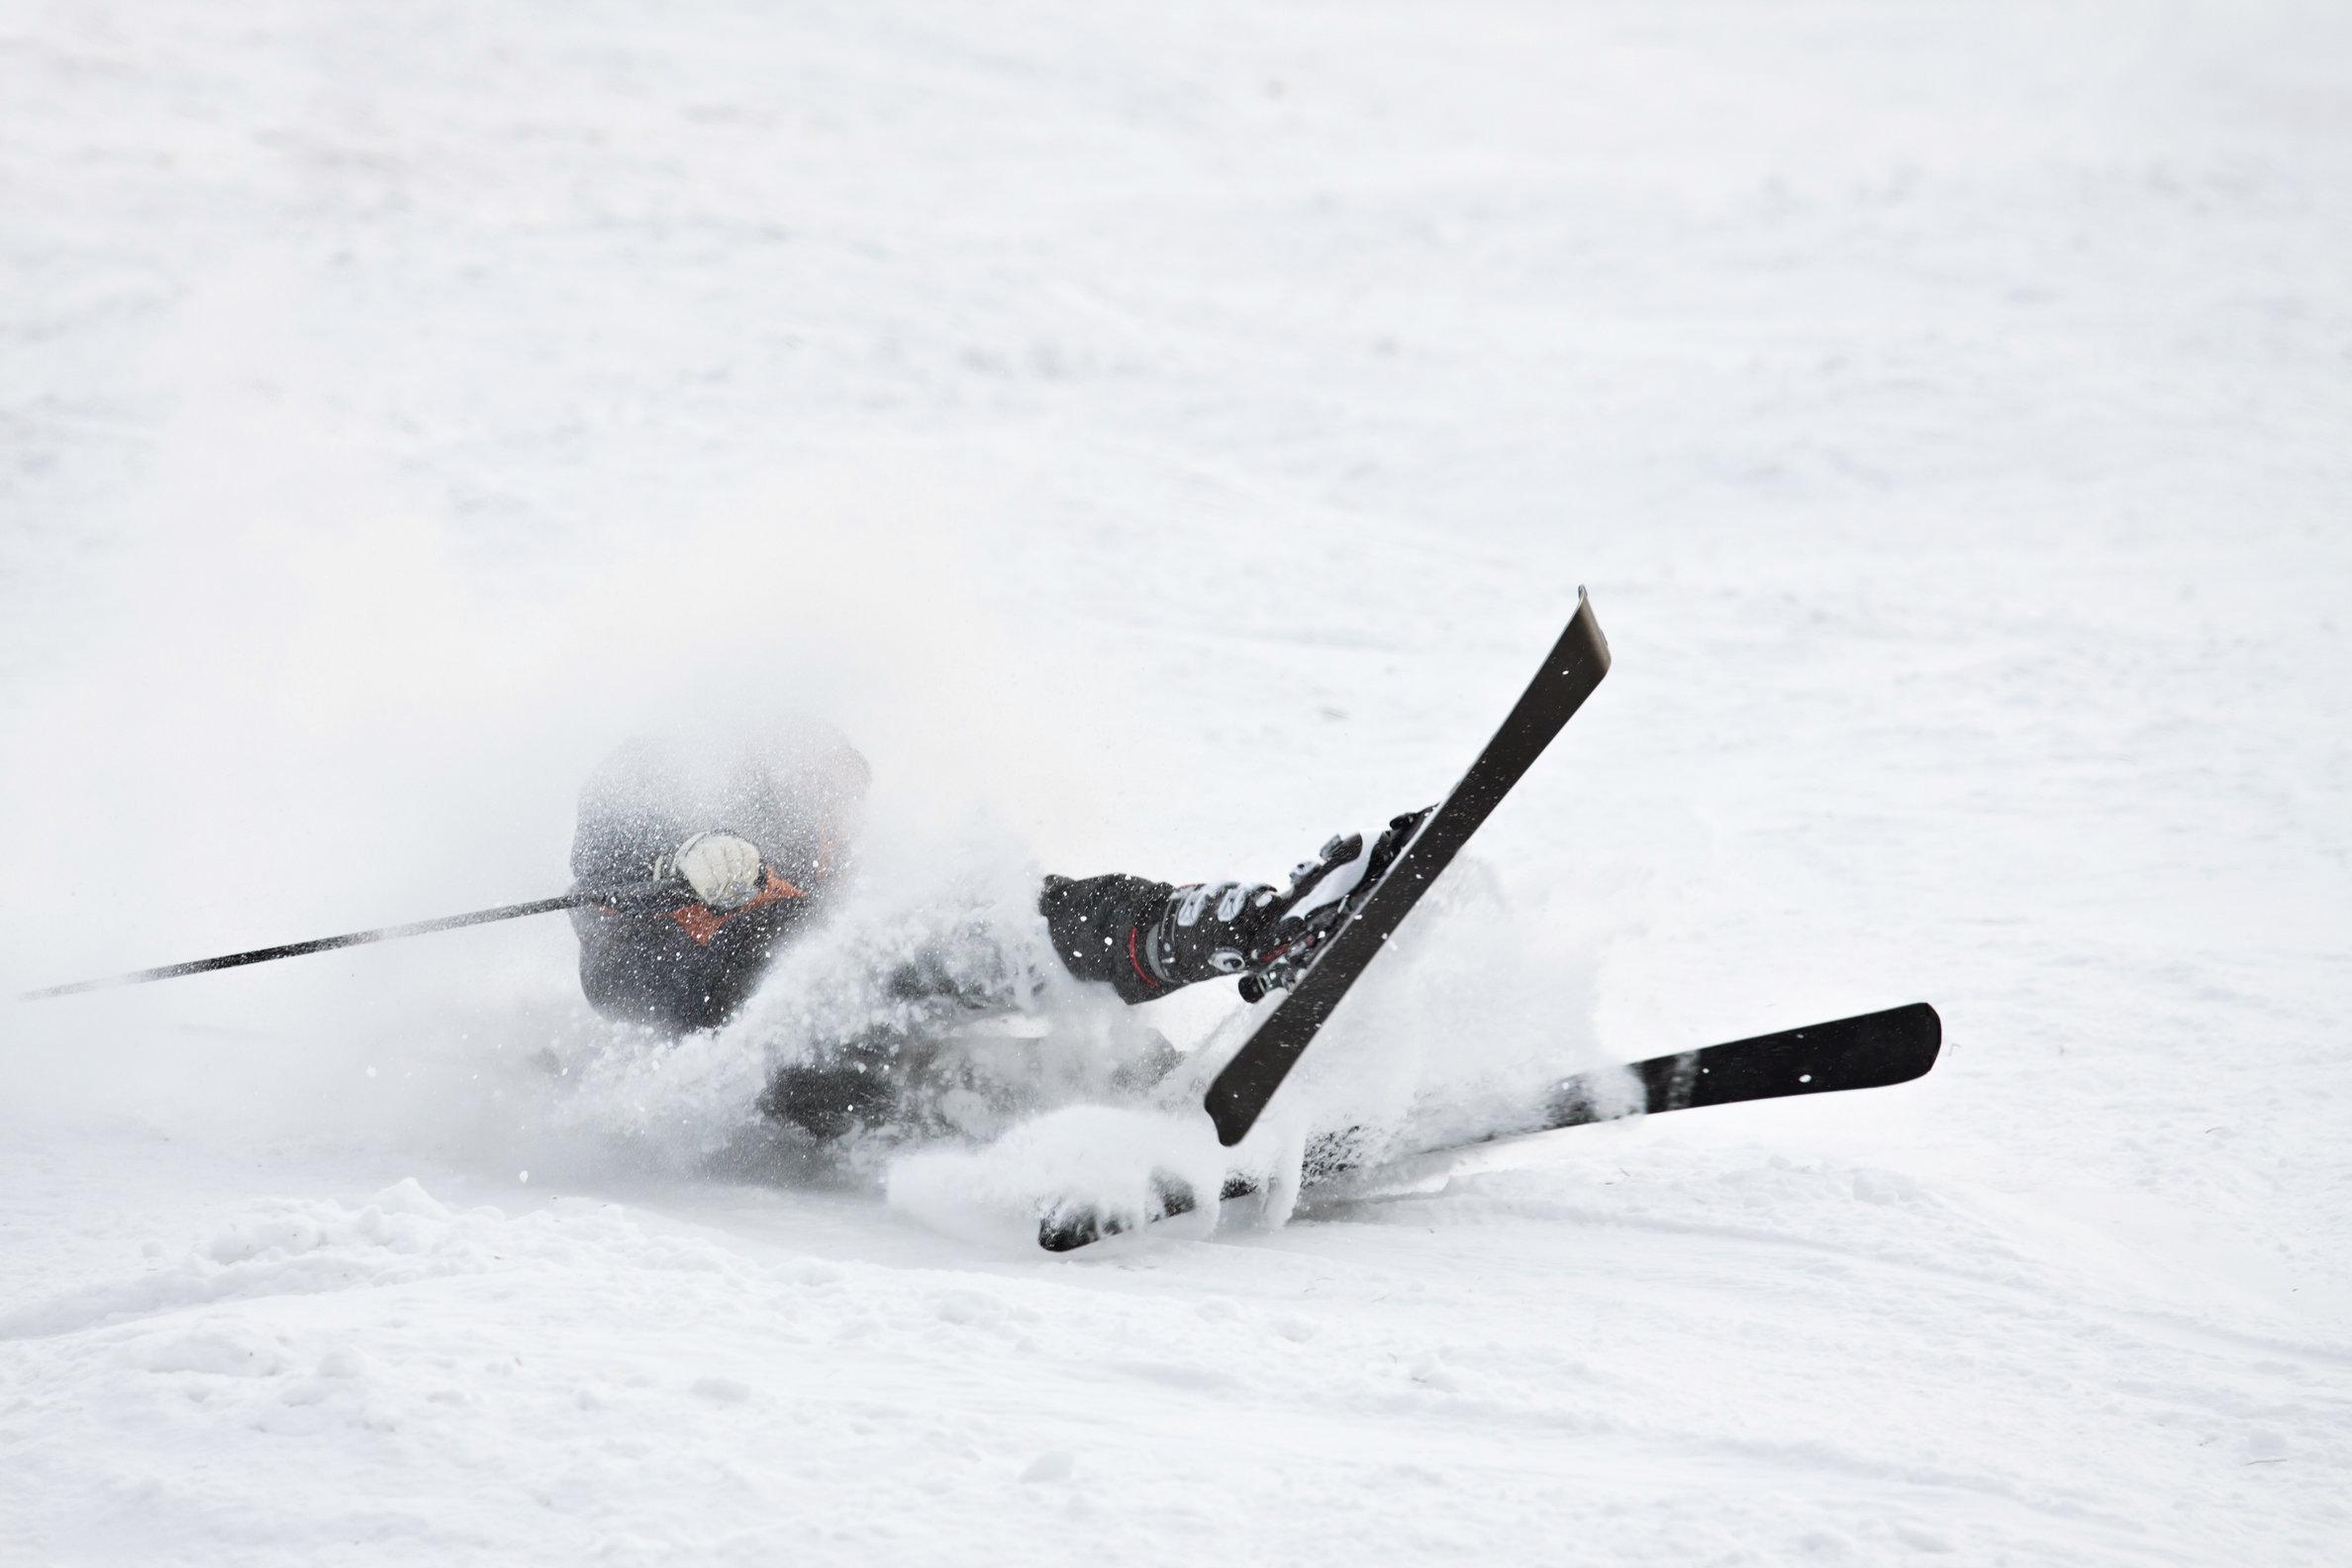 Ski, sne, vinter, vinterferie, ulykke, mænd, sne